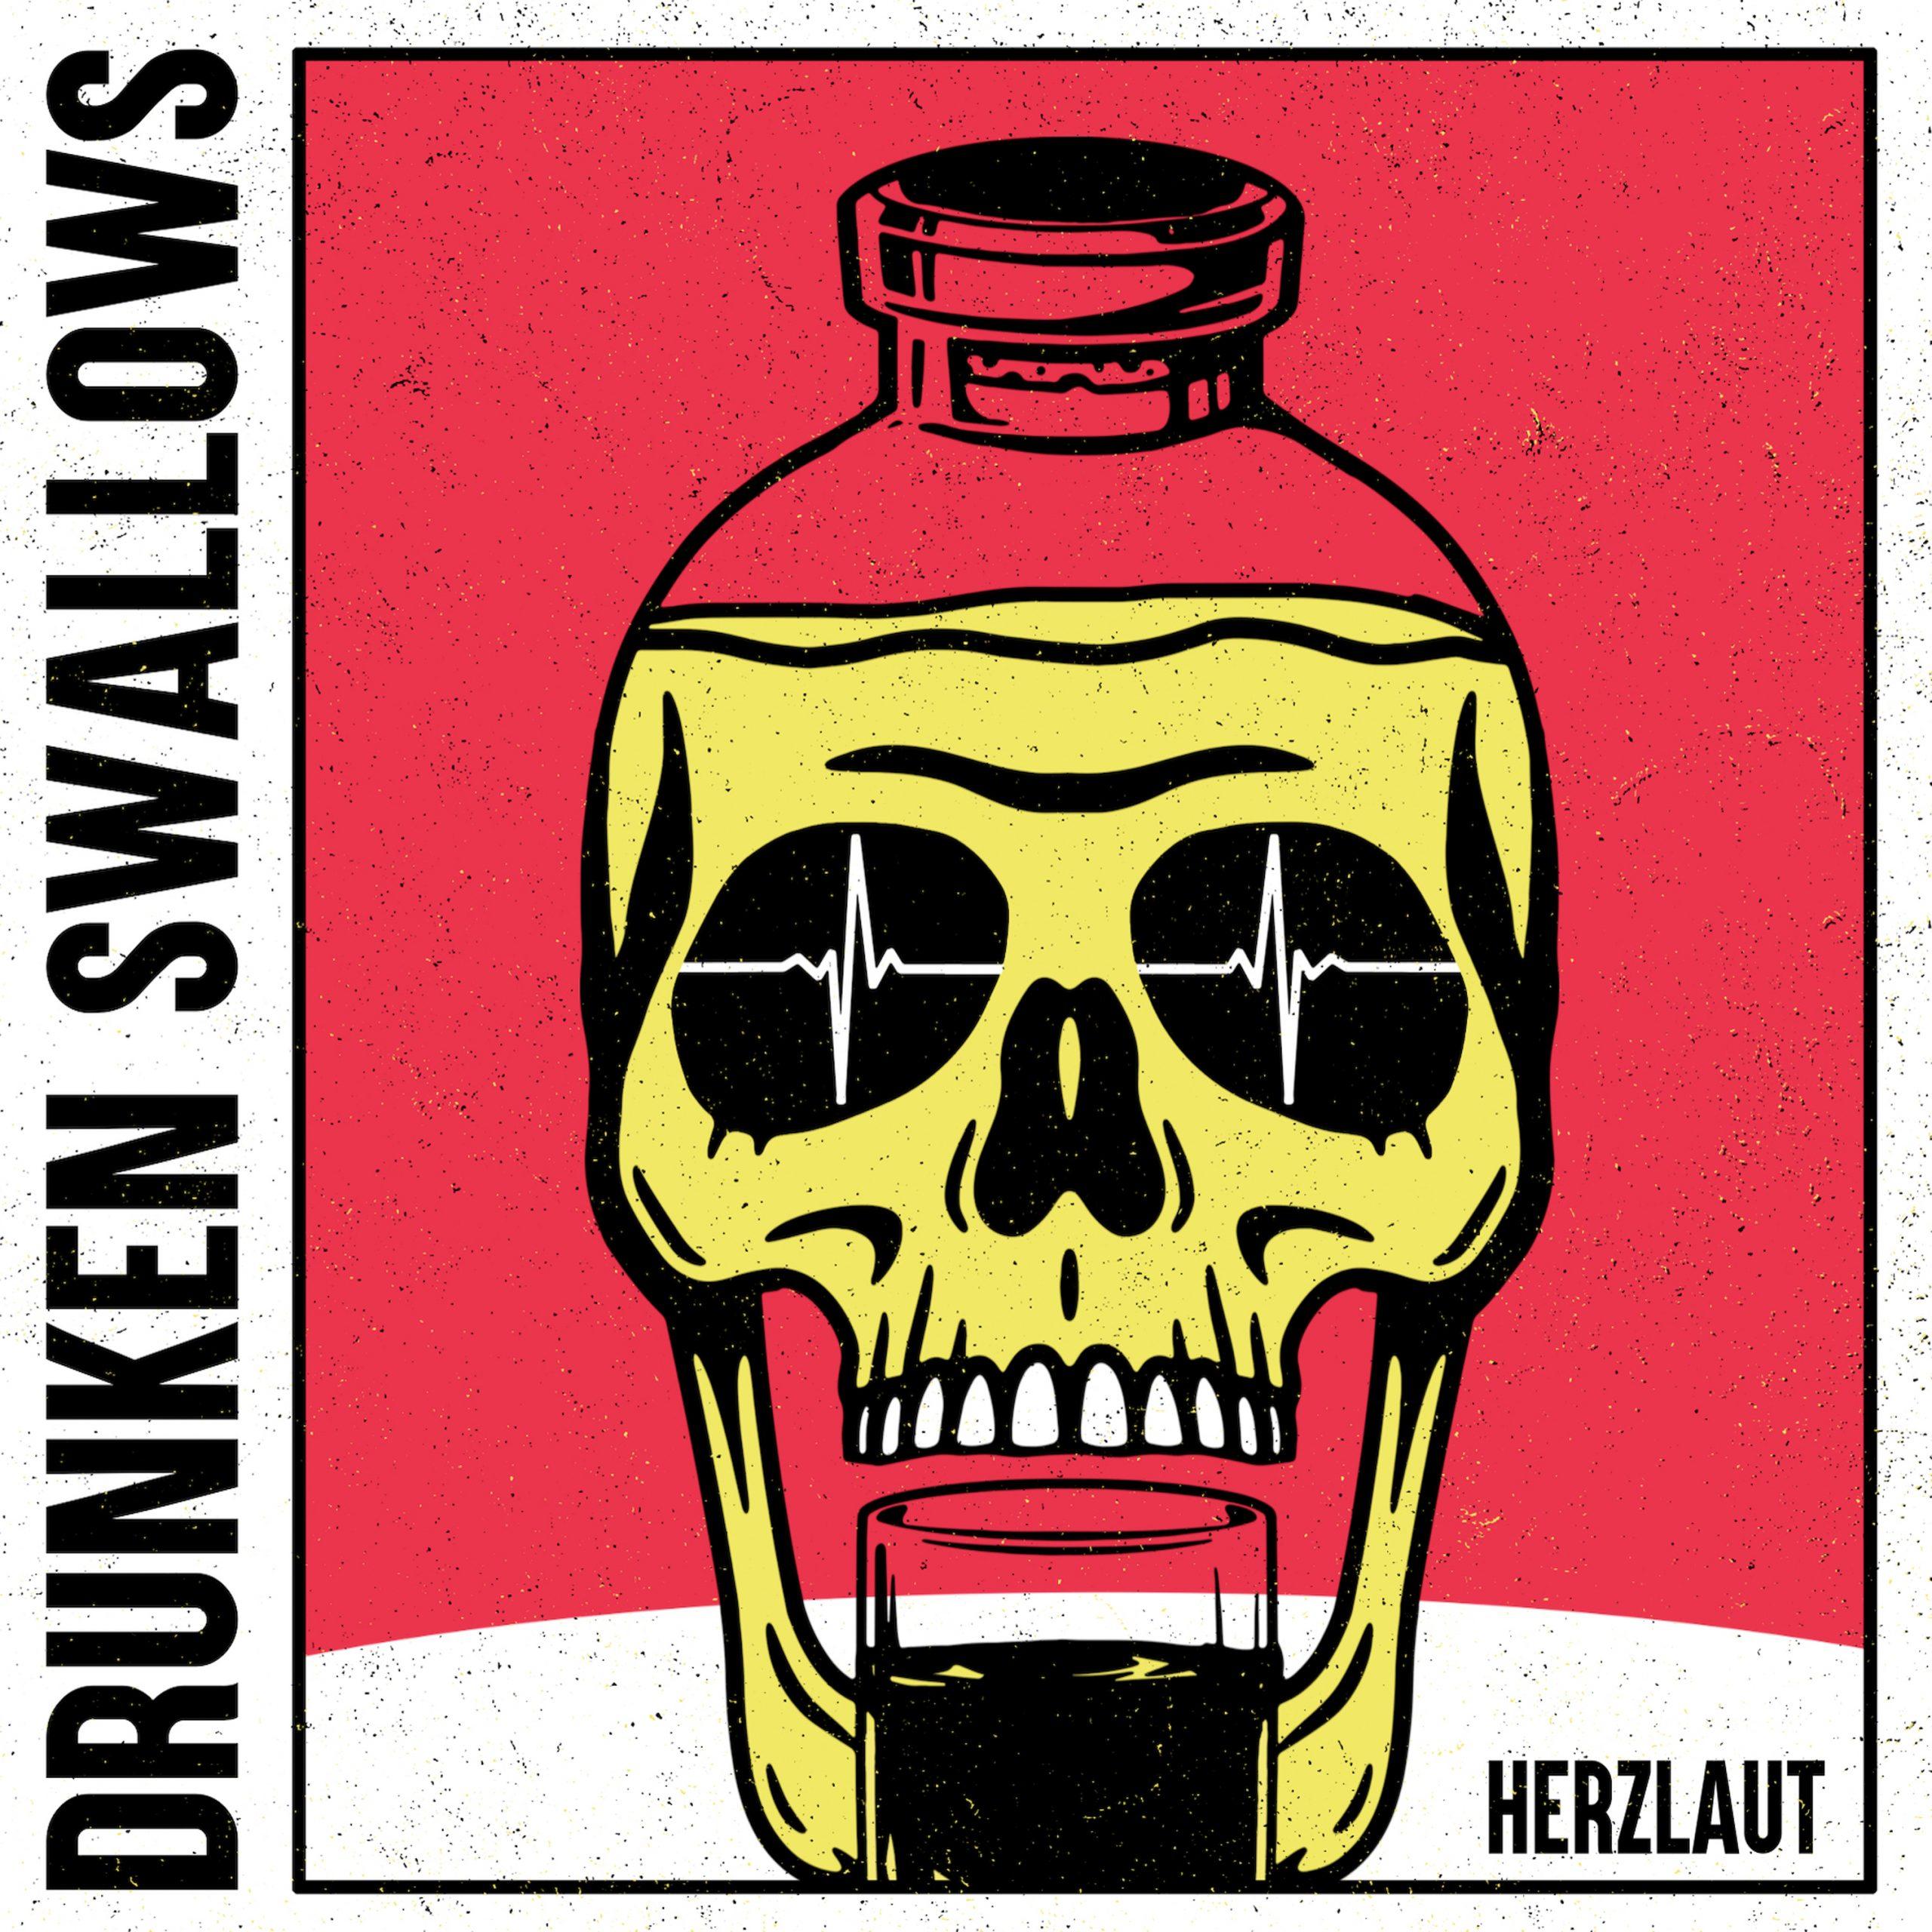 drunken-swallows-herzlaut-ein-album-review